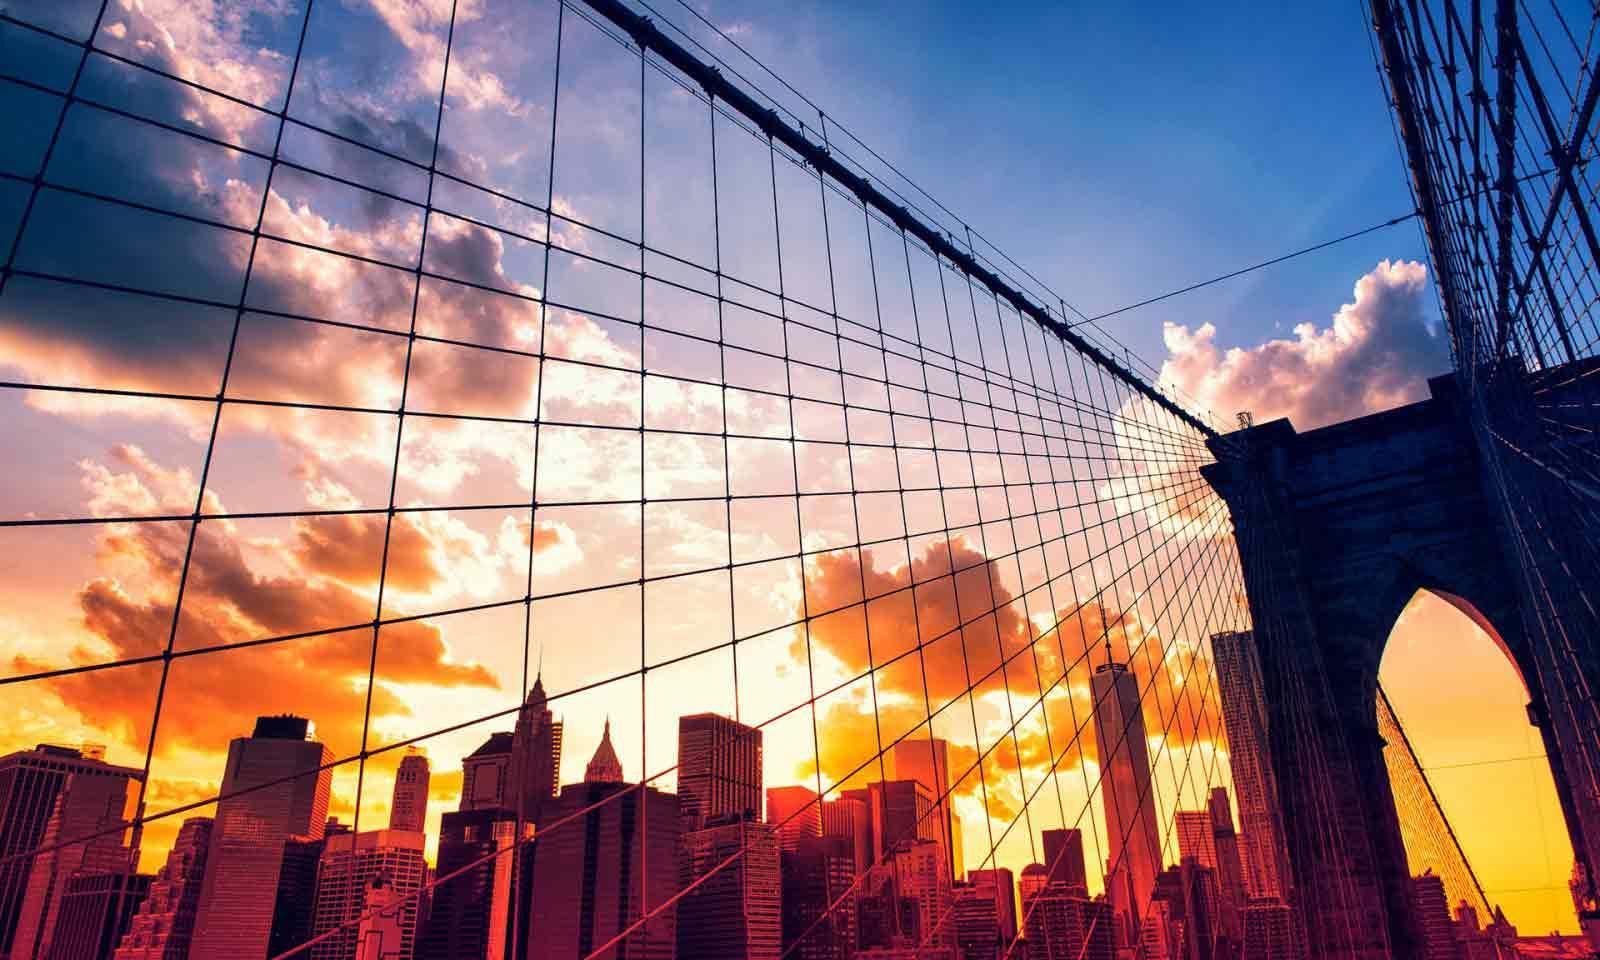 Brooklyn Bridge bei Sonnenuntergang mit Blick auf Manhattan